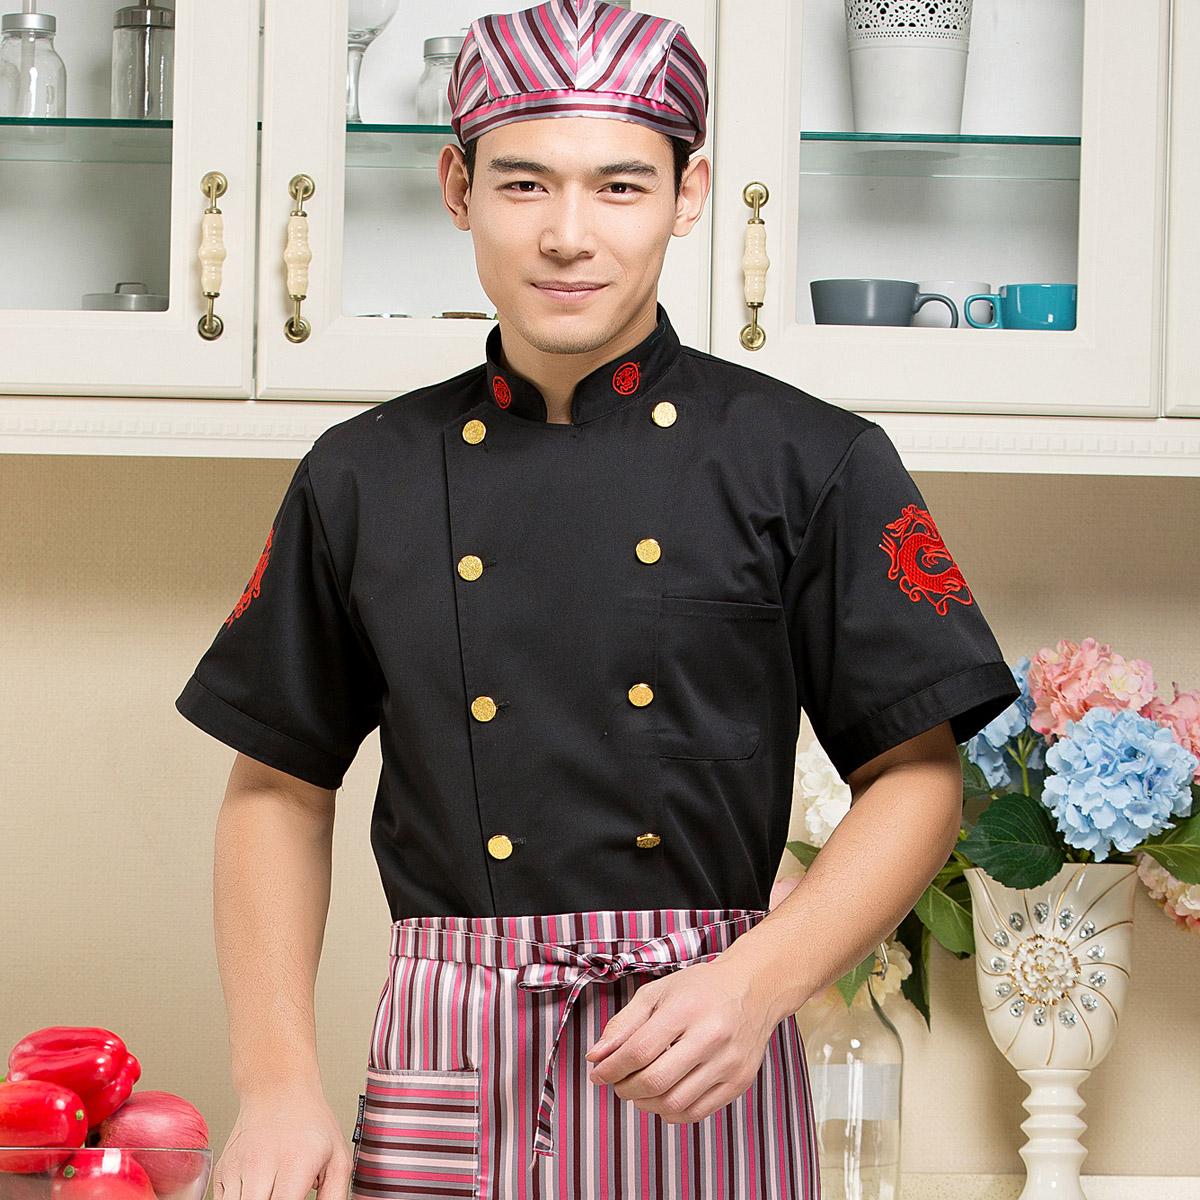 黑白双绣龙酒店厨师服男女工作服装厨师服短袖快餐餐厅制服食堂